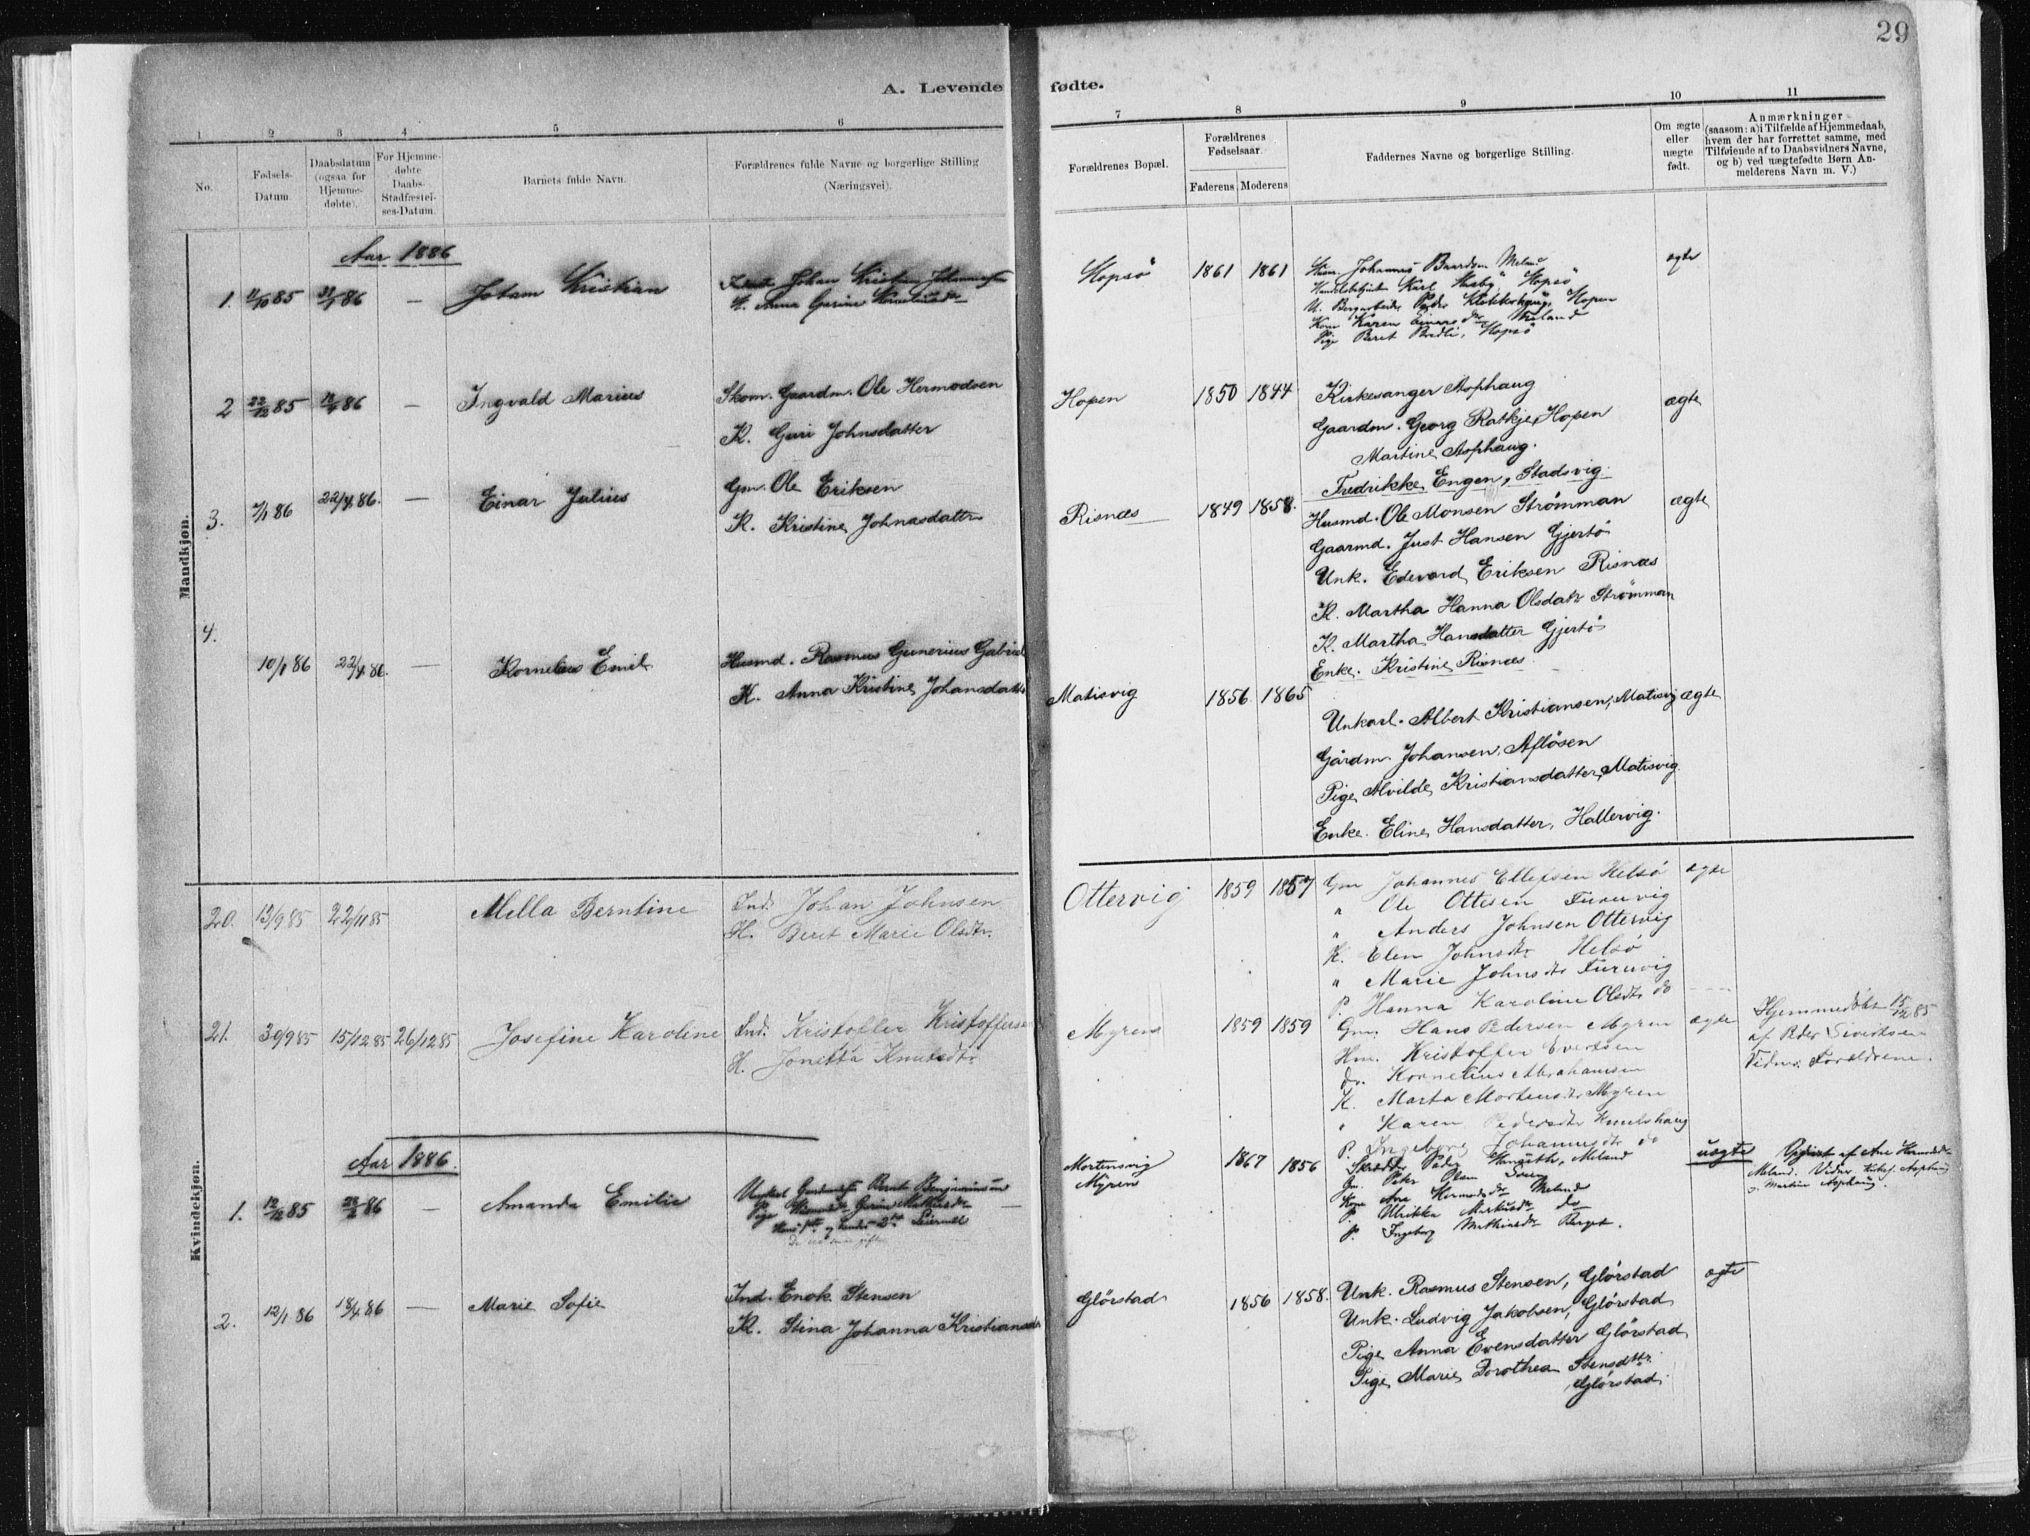 SAT, Ministerialprotokoller, klokkerbøker og fødselsregistre - Sør-Trøndelag, 634/L0533: Ministerialbok nr. 634A09, 1882-1901, s. 29